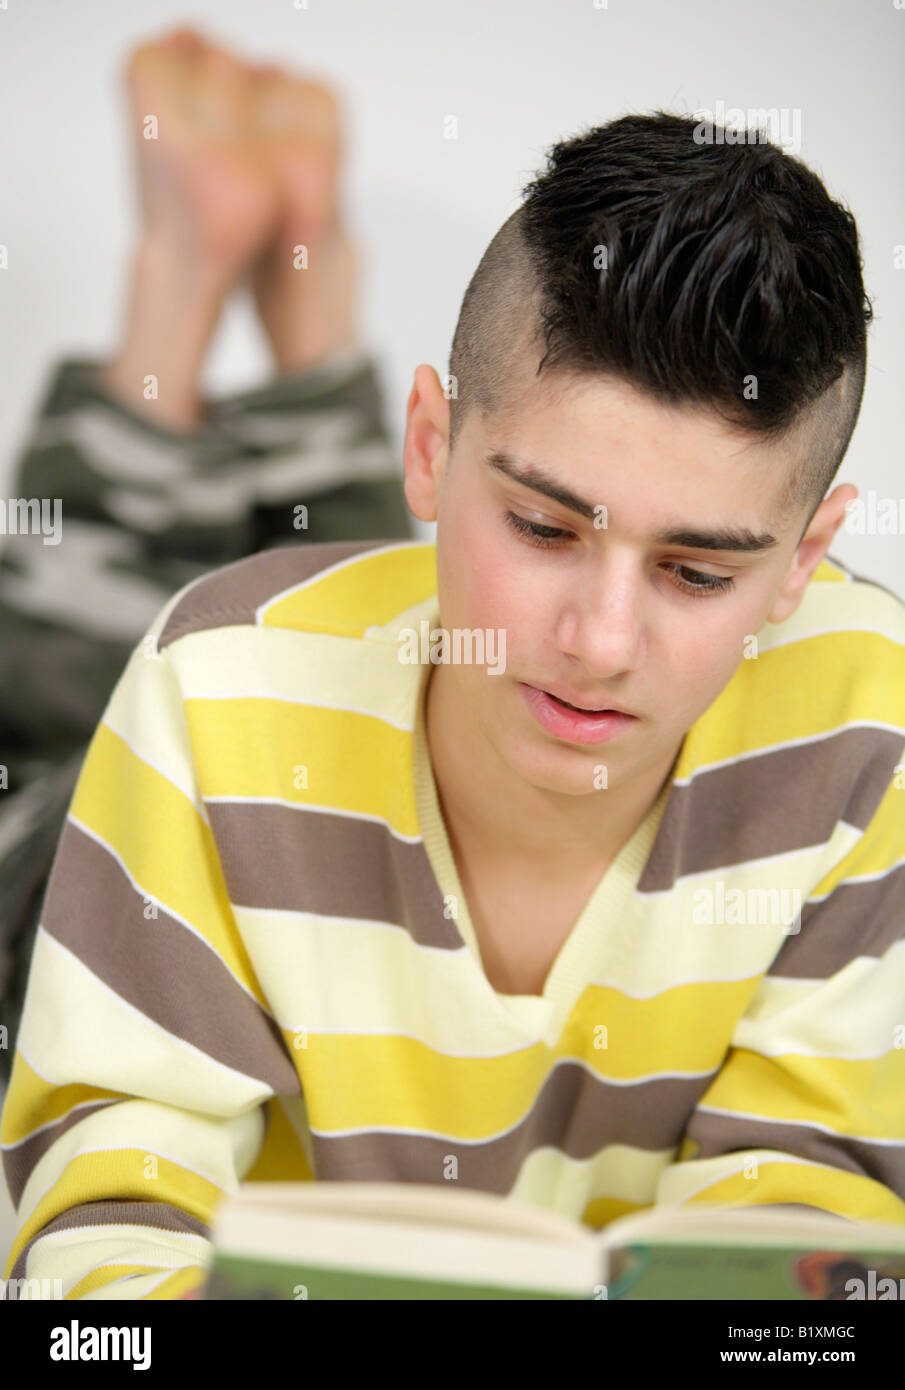 Porträt eines jungen Mannes, ein Buch zu lesen Stockfoto